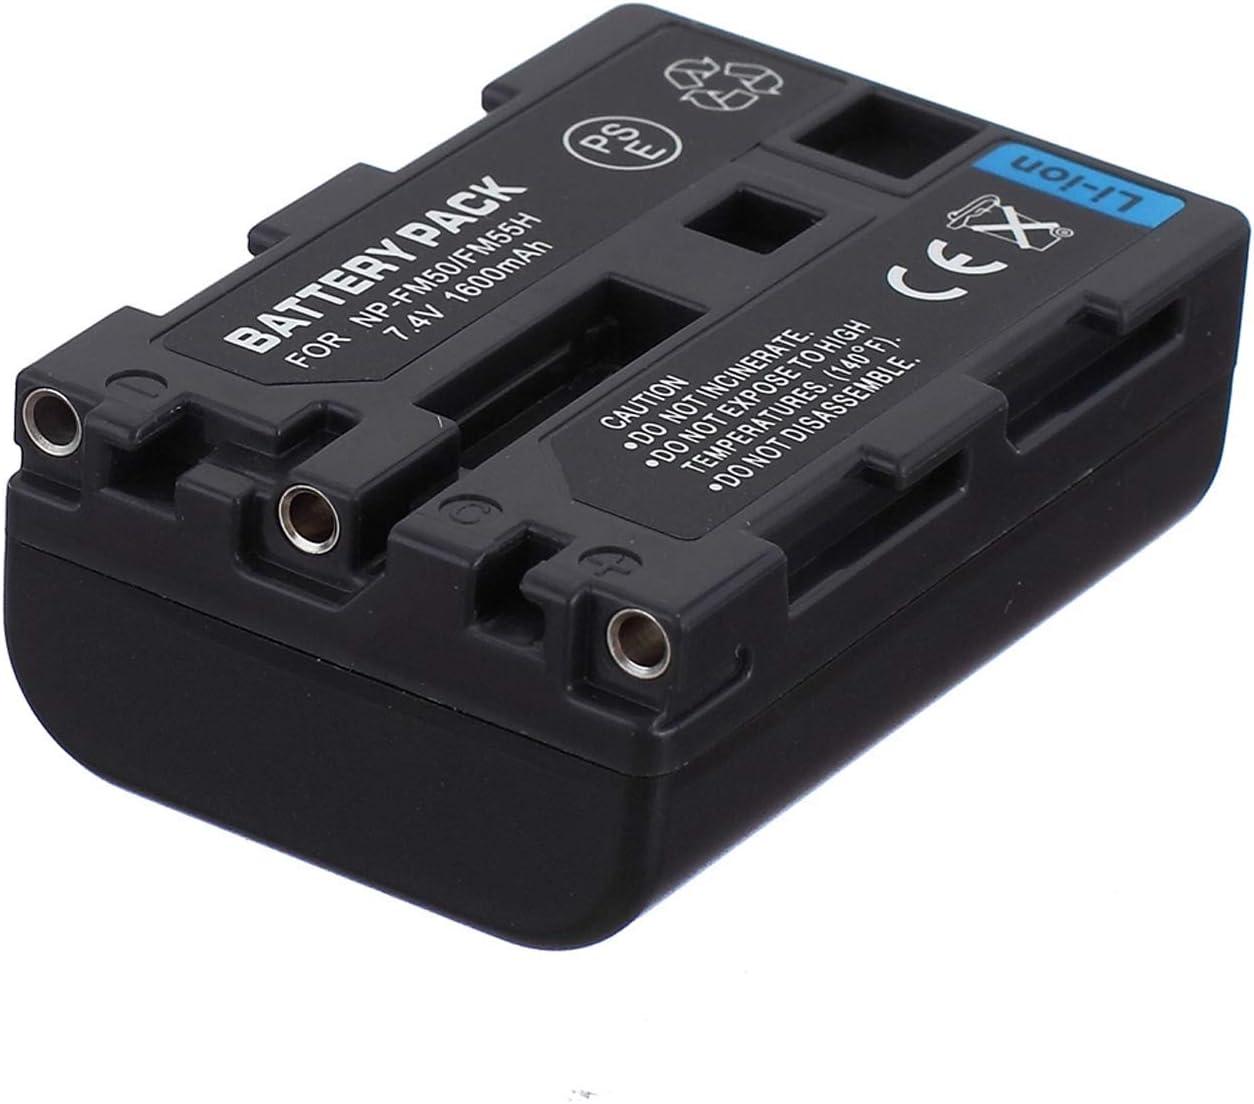 DCR-TRV70E DCR-TRV75E USB Dual Battery Charger for Sony DCR-TRV60E DCR-TRV80E MiniDV Handycam Camcorder